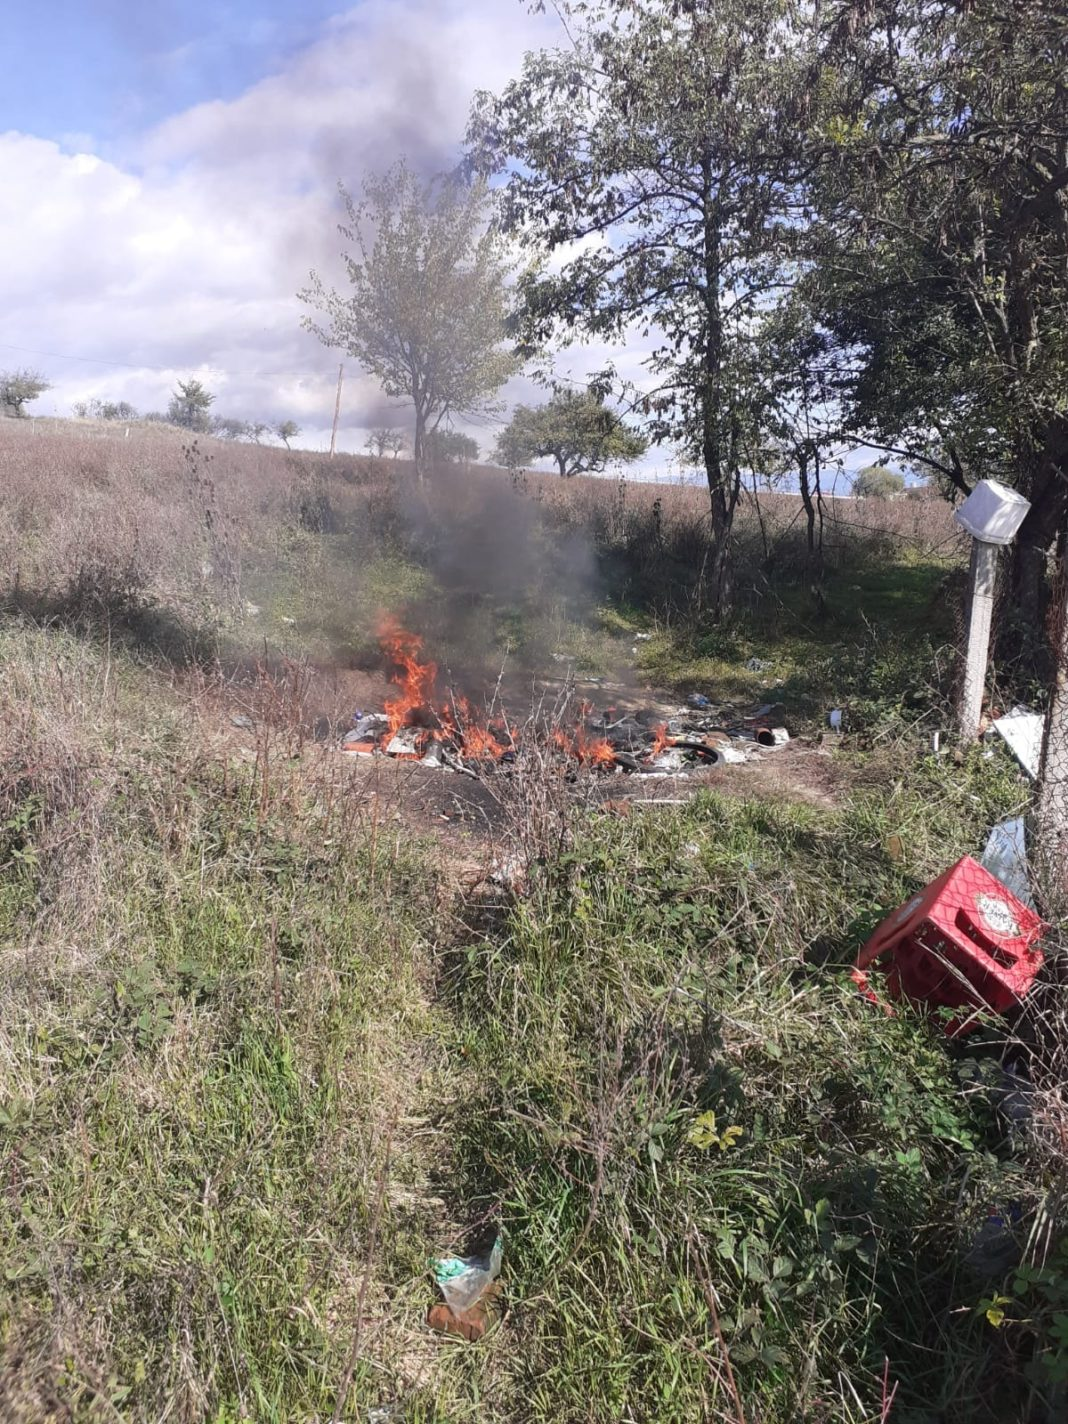 Un târgujian a fost amendat cu 500 de lei pentru incendierea unor deșeuri textile, plastice și vegetale pe un teren viran